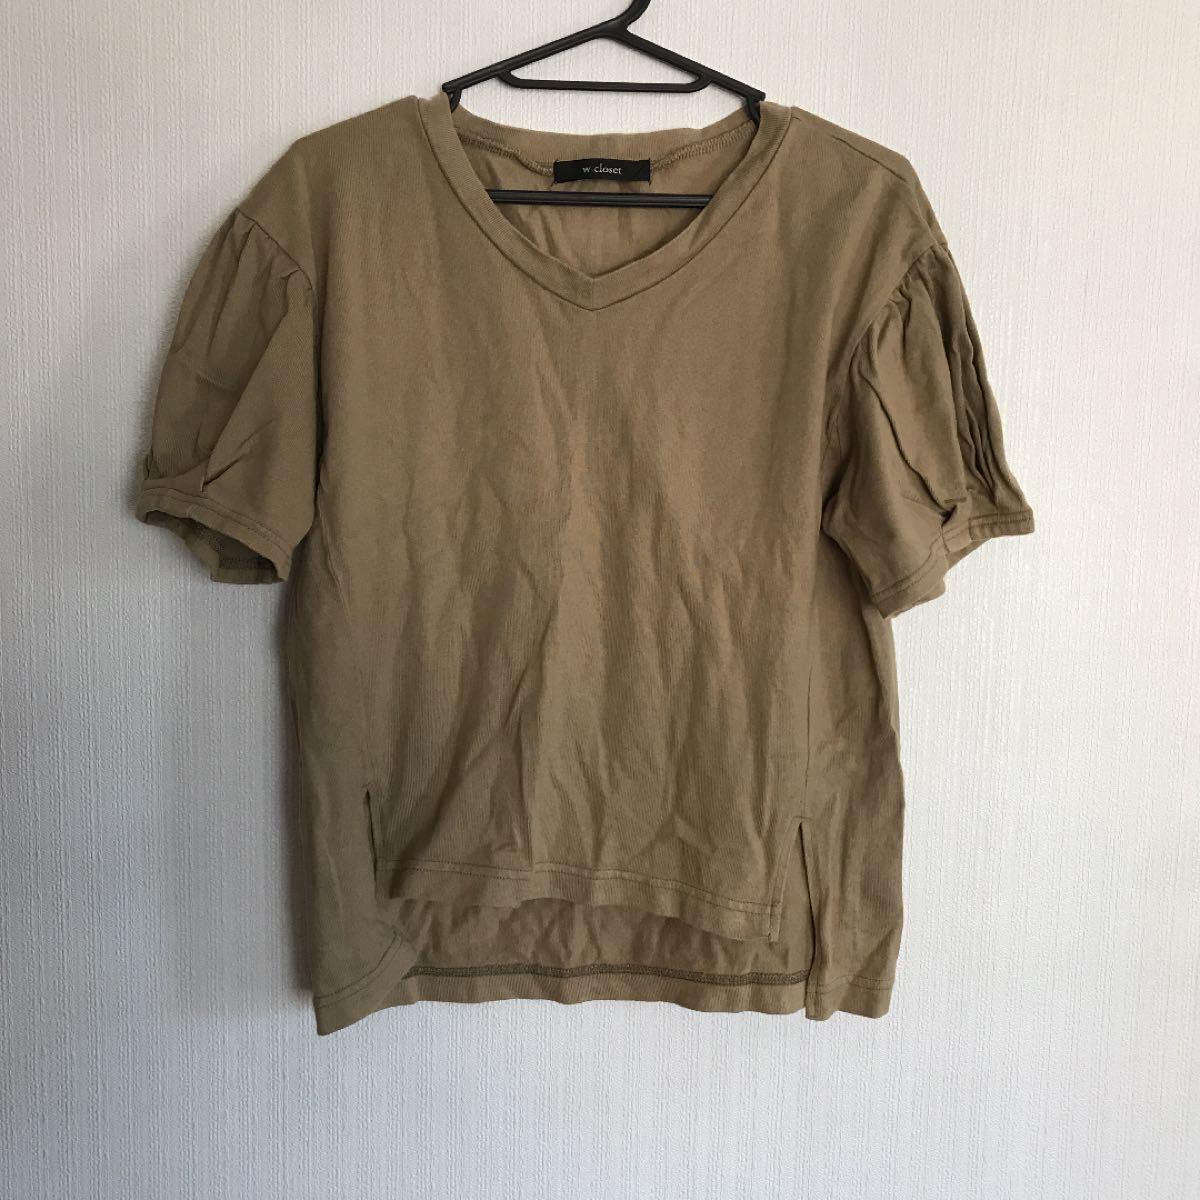 袖かわいいTシャツ カットソー